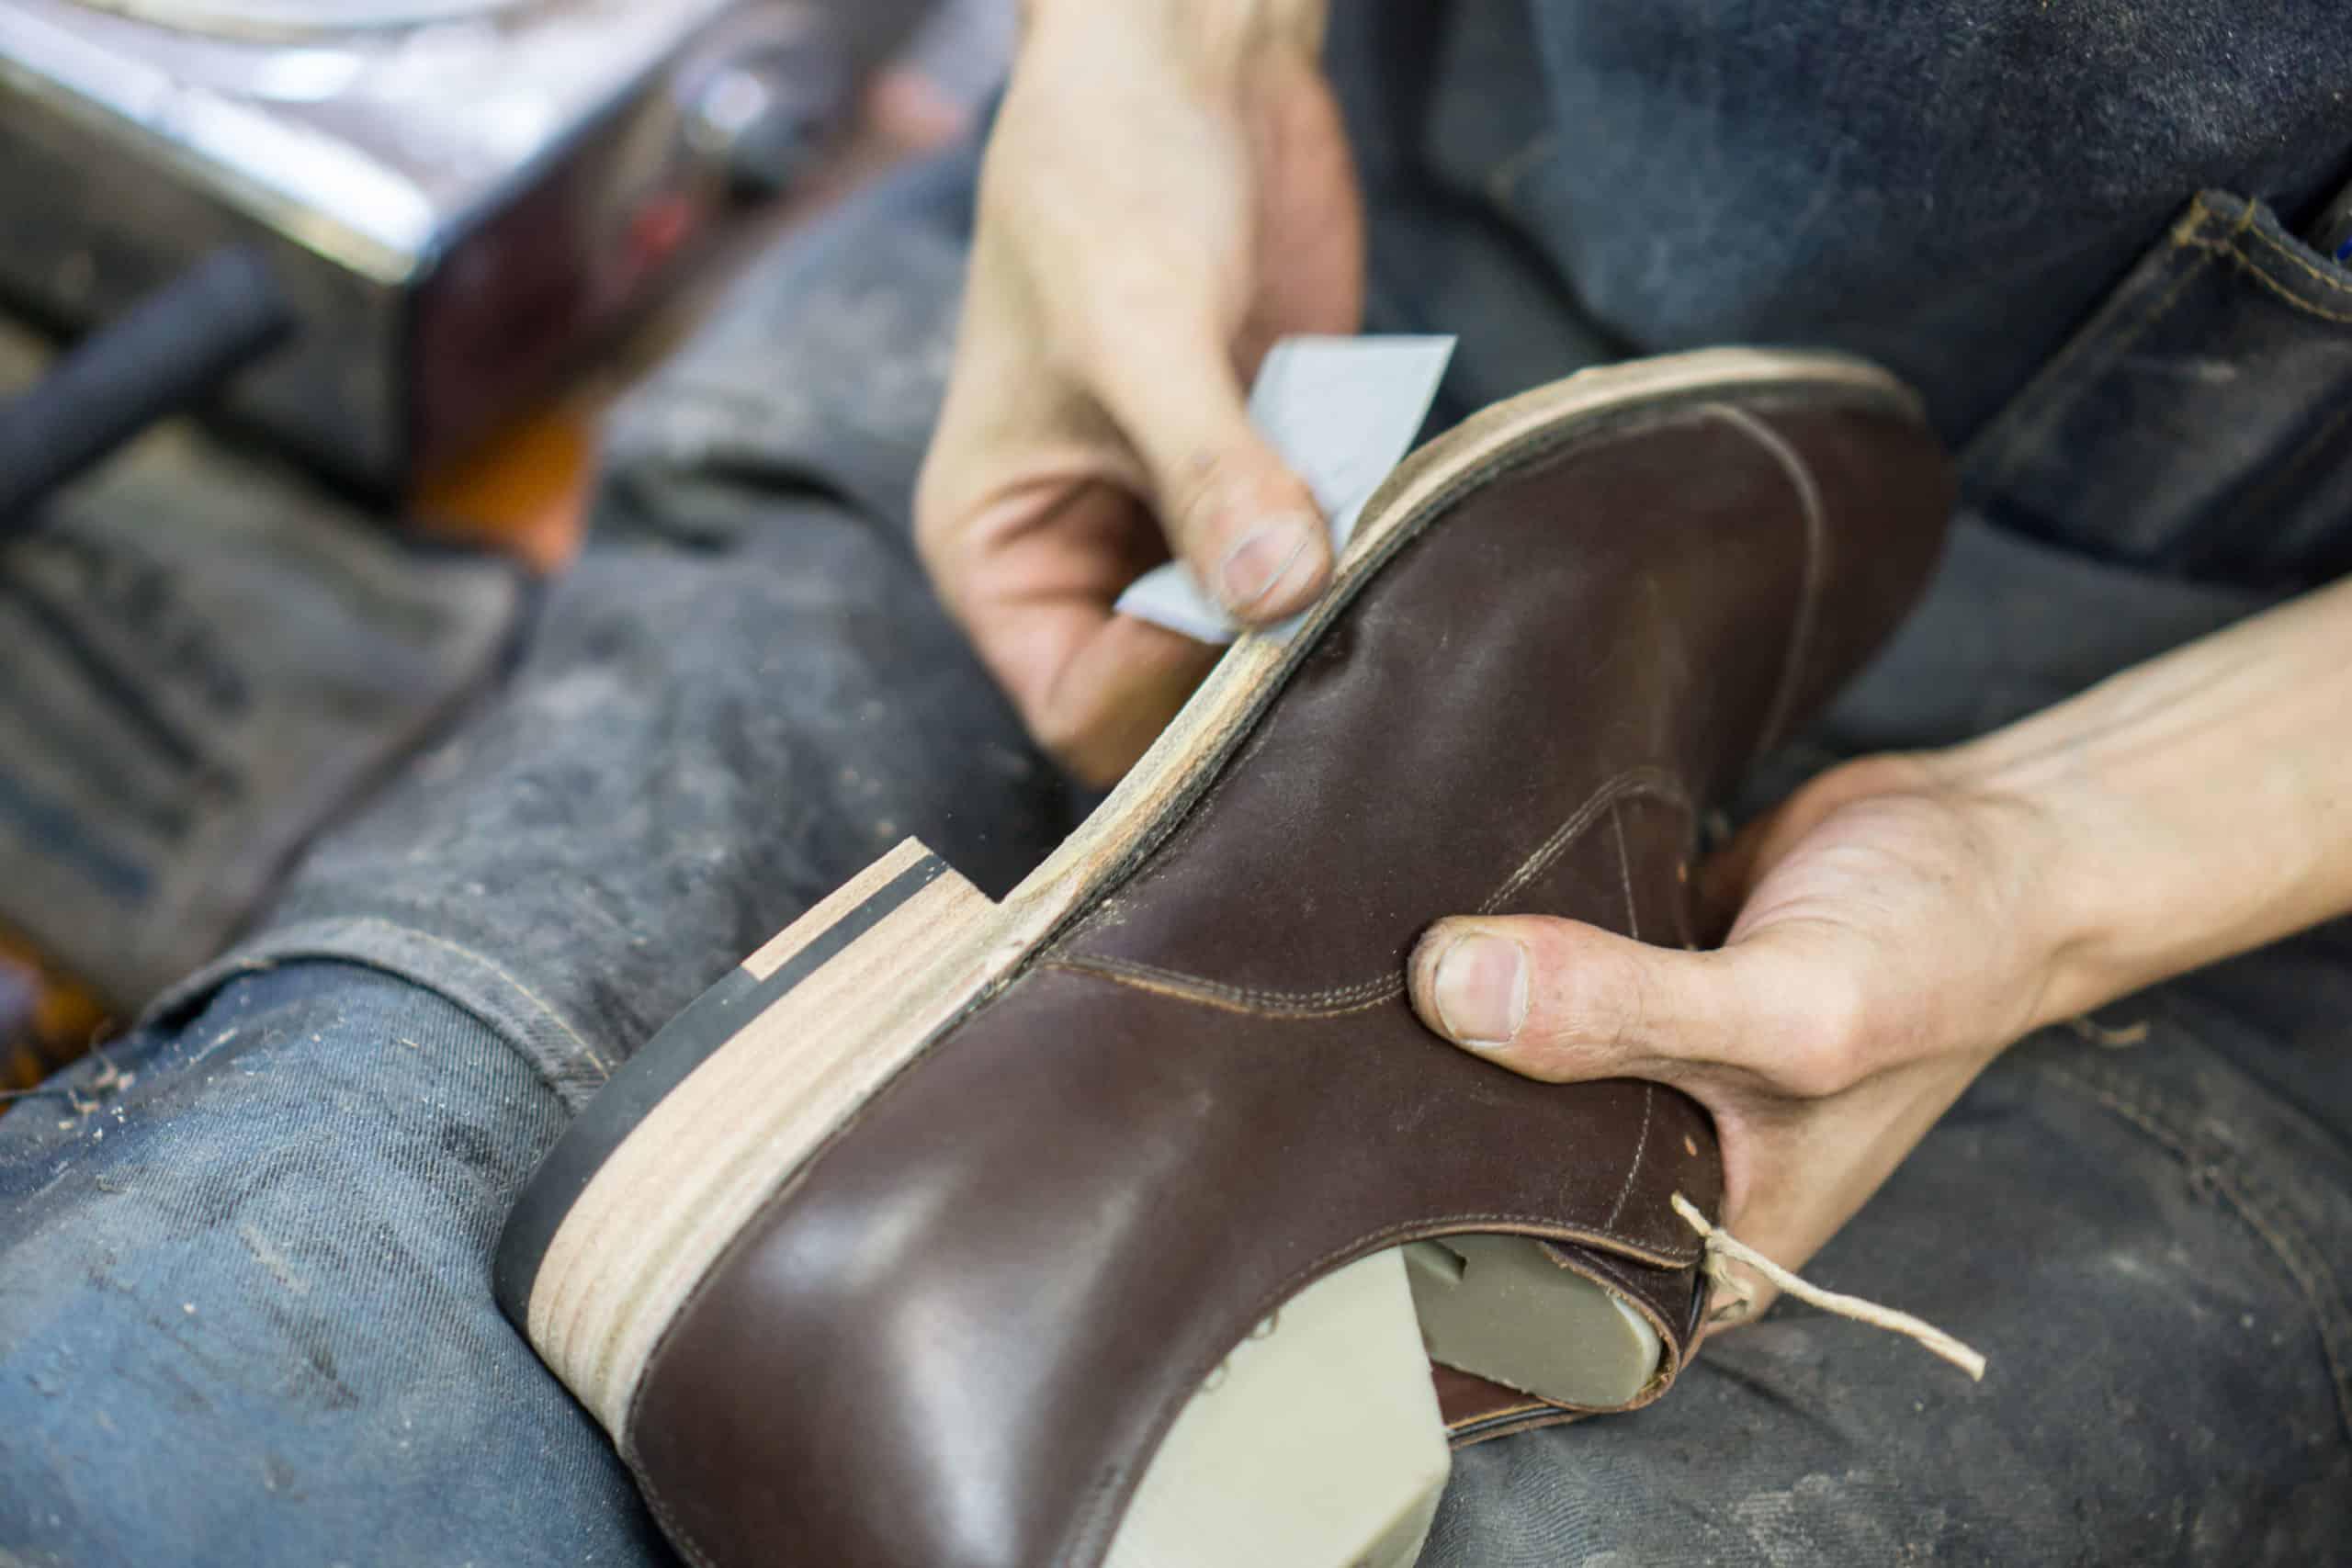 La même marque finit également les lisses à la main, ce qui n'est pas courant dans leur segment de prix. Ce n'est pas parce qu'une chaussure sort d'un atelier qu'elle est faite intégralement à la main. De la même façon, ce n'est pas parce qu'une chaussure est faite à la machine que certaines étapes ne peuvent pas être faites à la main. (source : shoegazing)